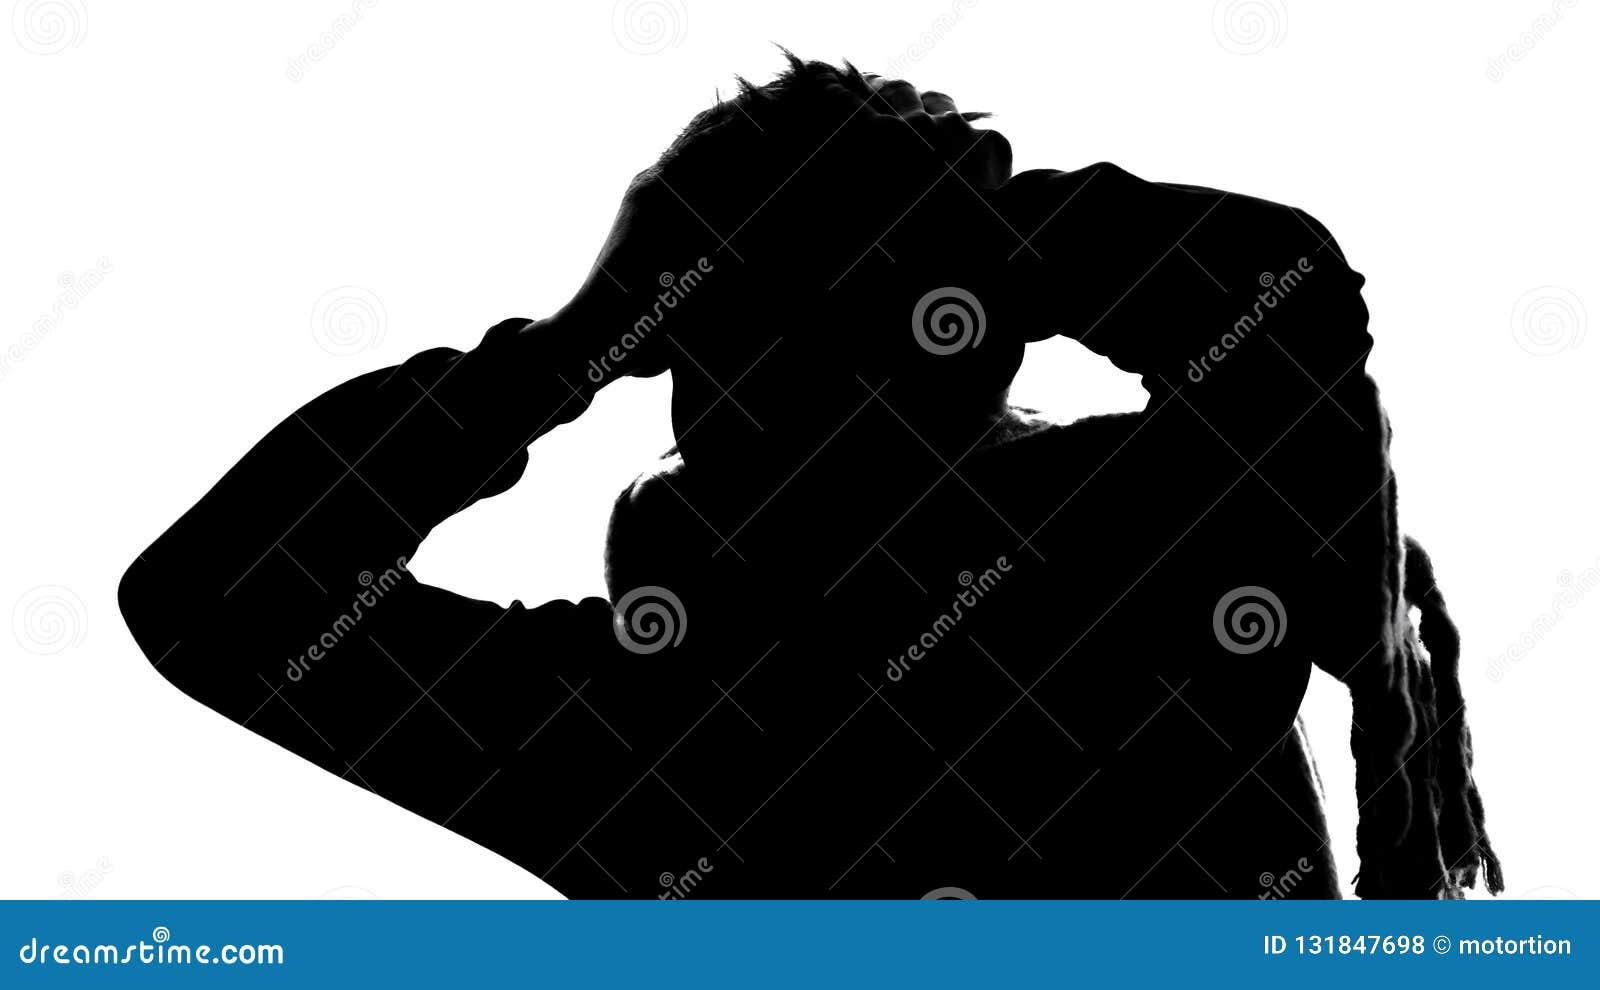 Σκιά του νεαρού άνδρα που πάσχει από τον πονοκέφαλο, υψηλής θερμοκρασίας, ημικρανία, πυρετός